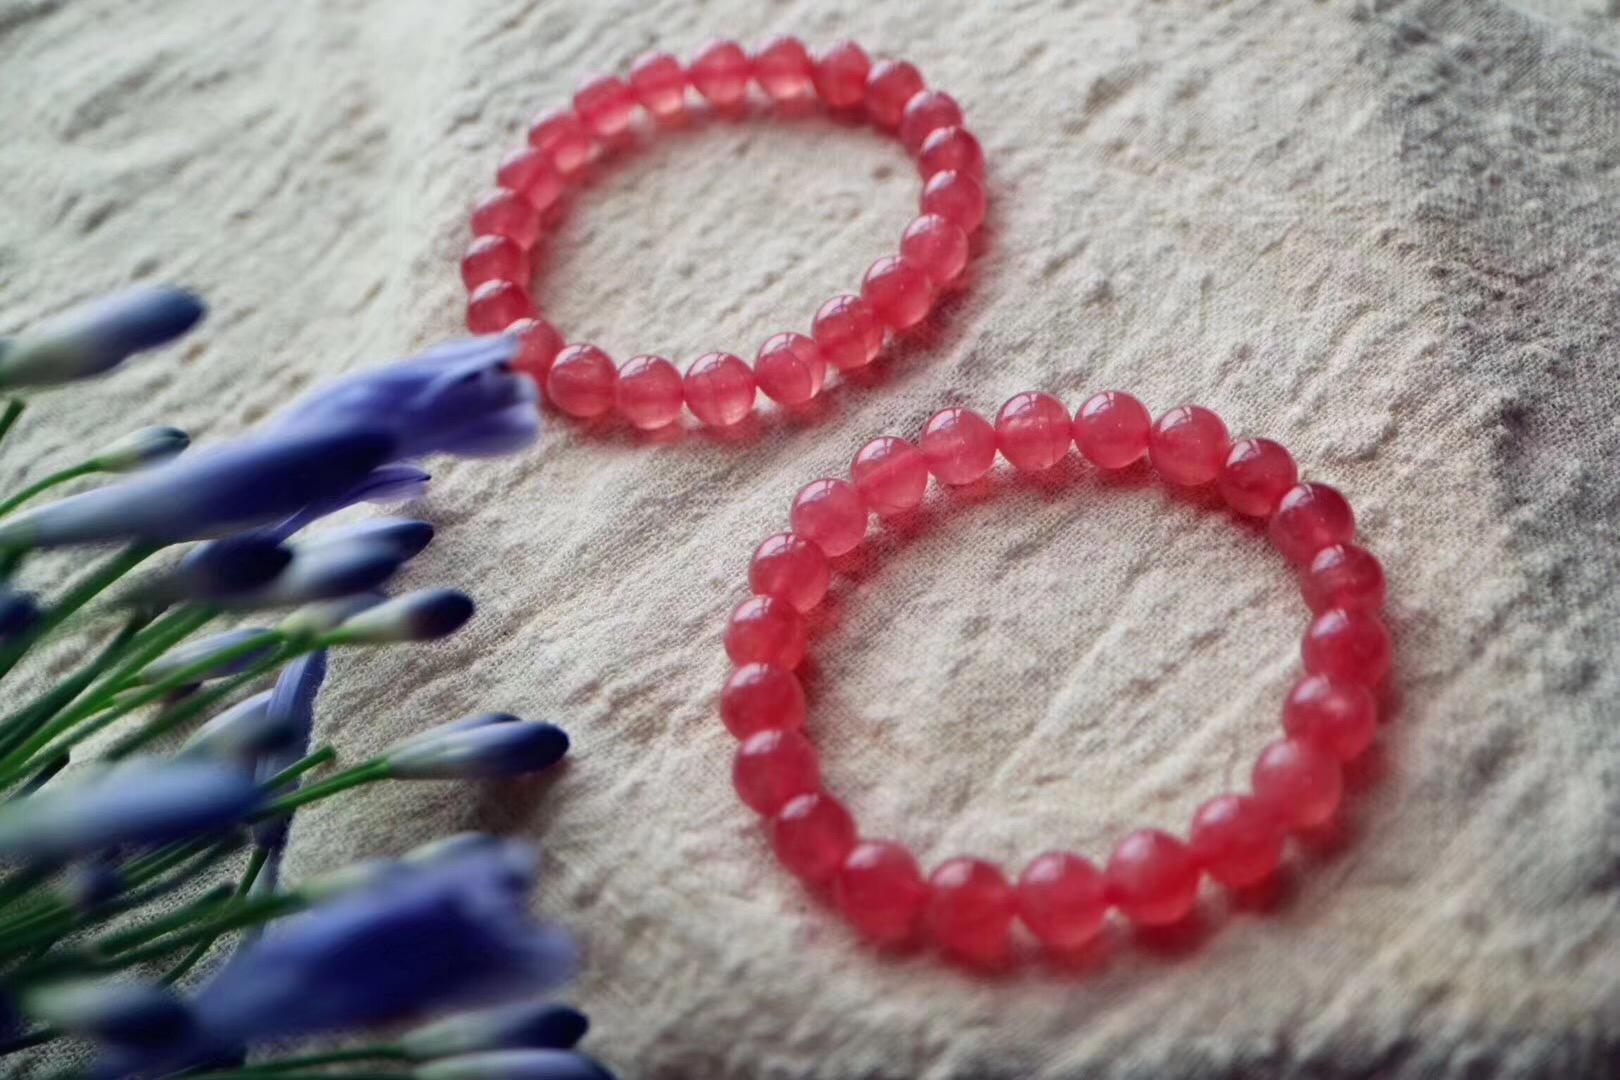 【菩心-欧泊石】有温柔的红纹石和欧泊石细链陪伴,幸福-菩心晶舍